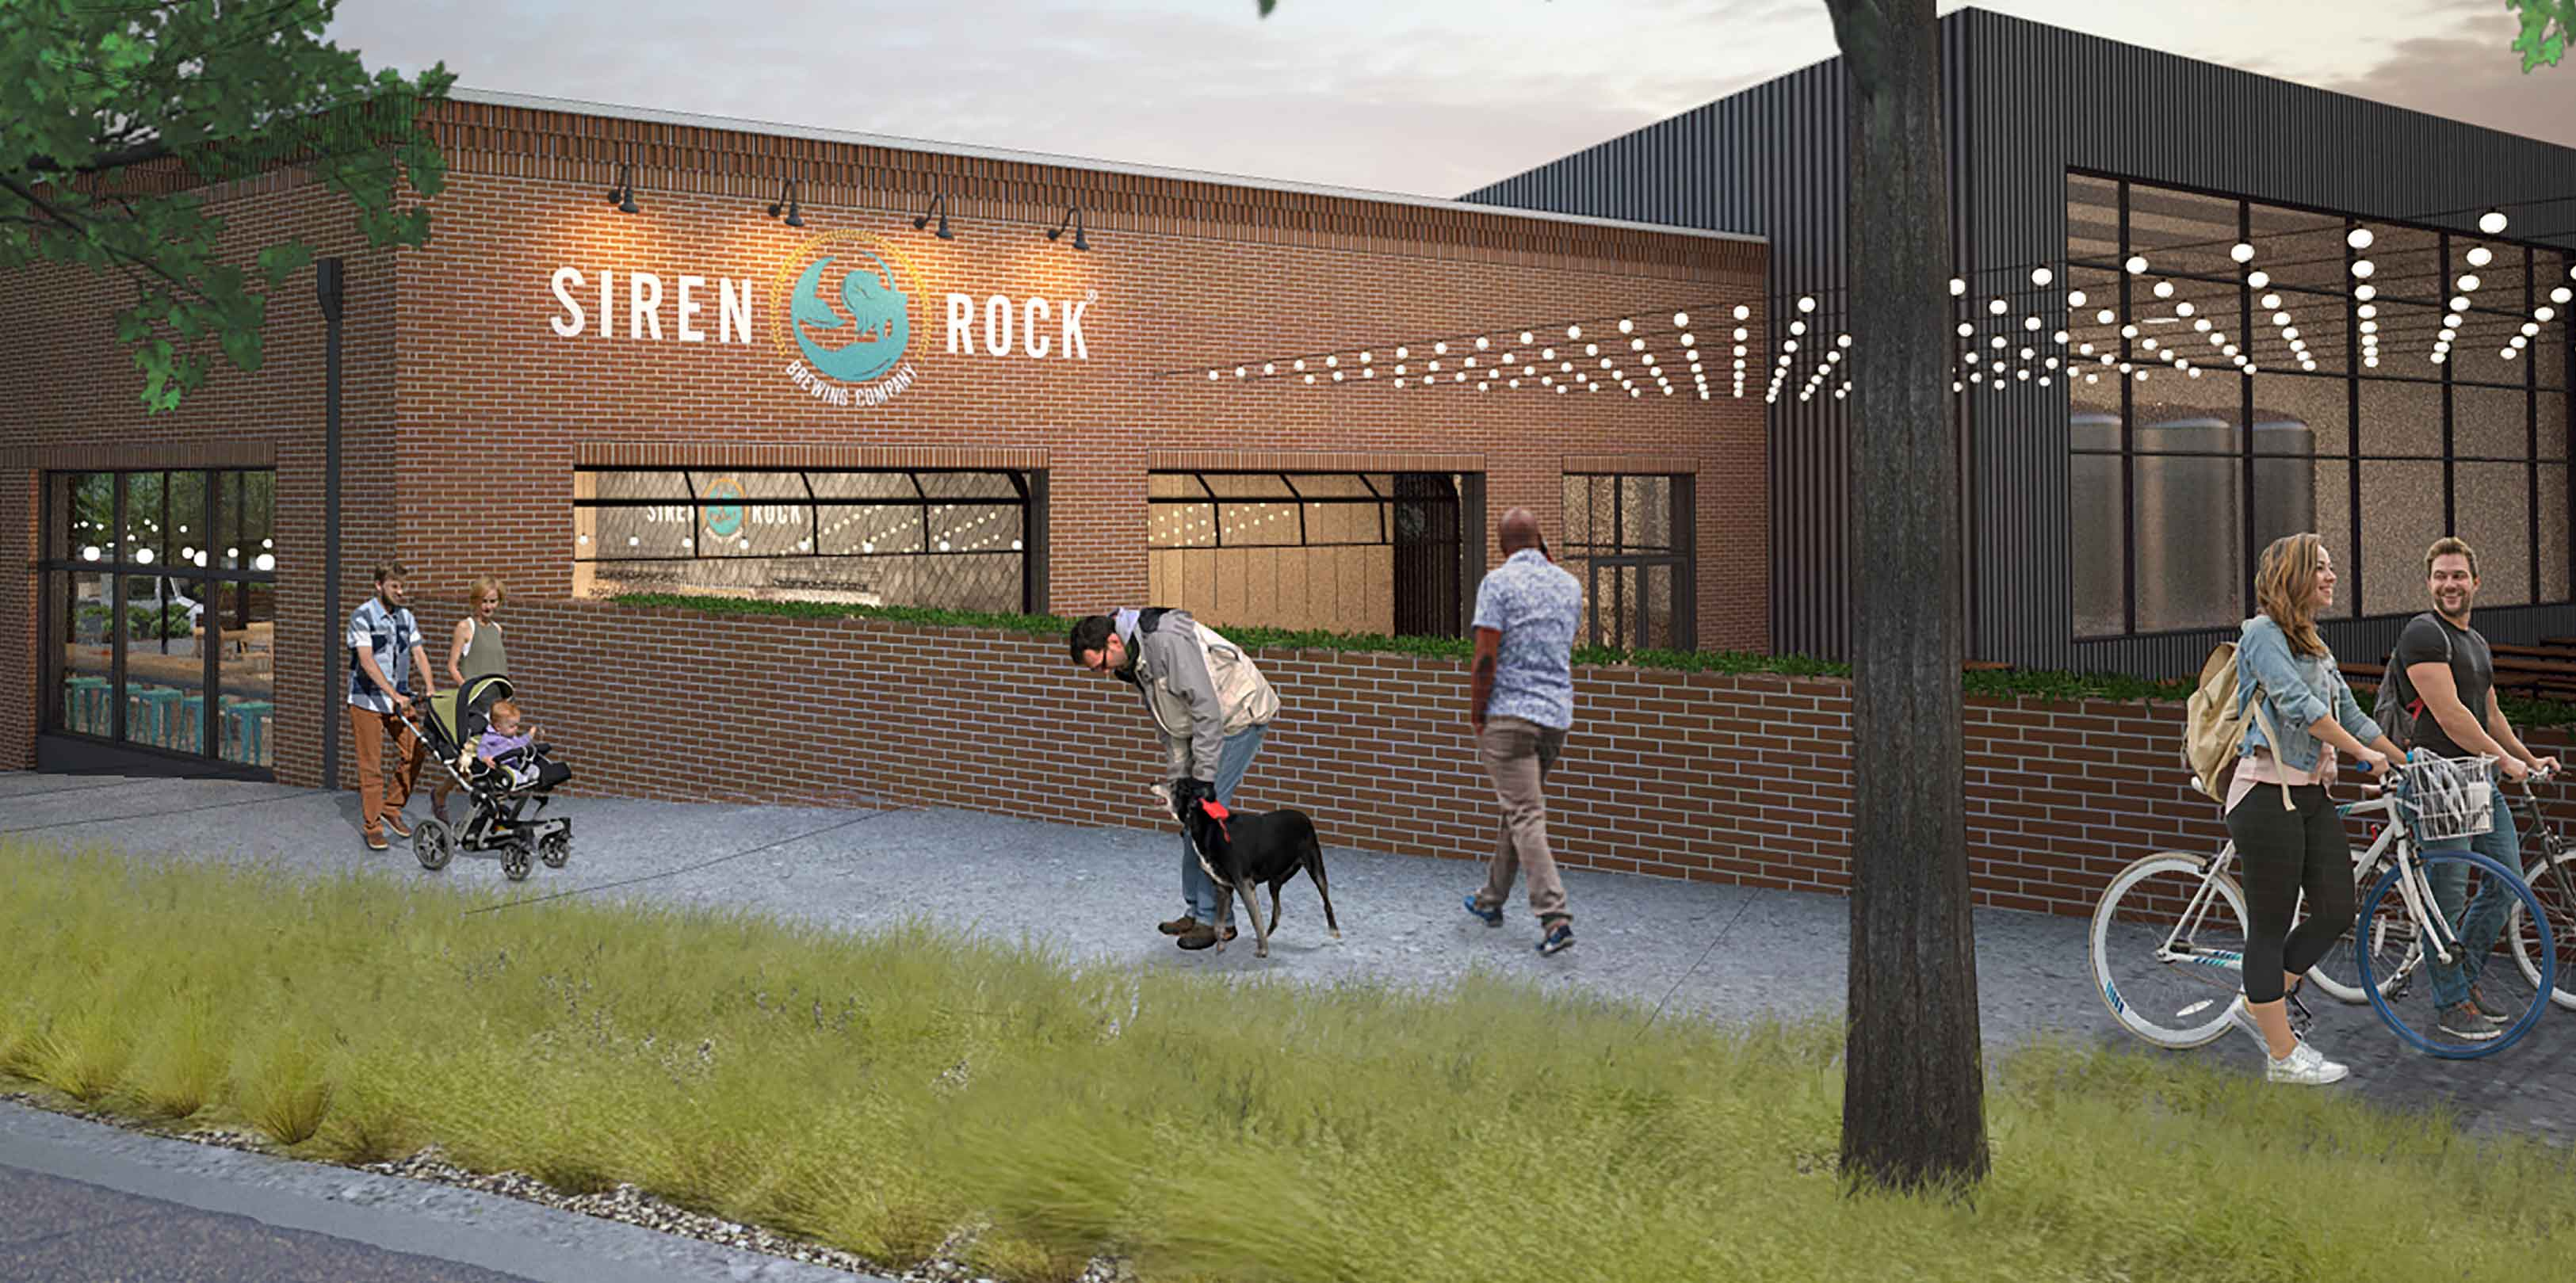 Siren Rock Building